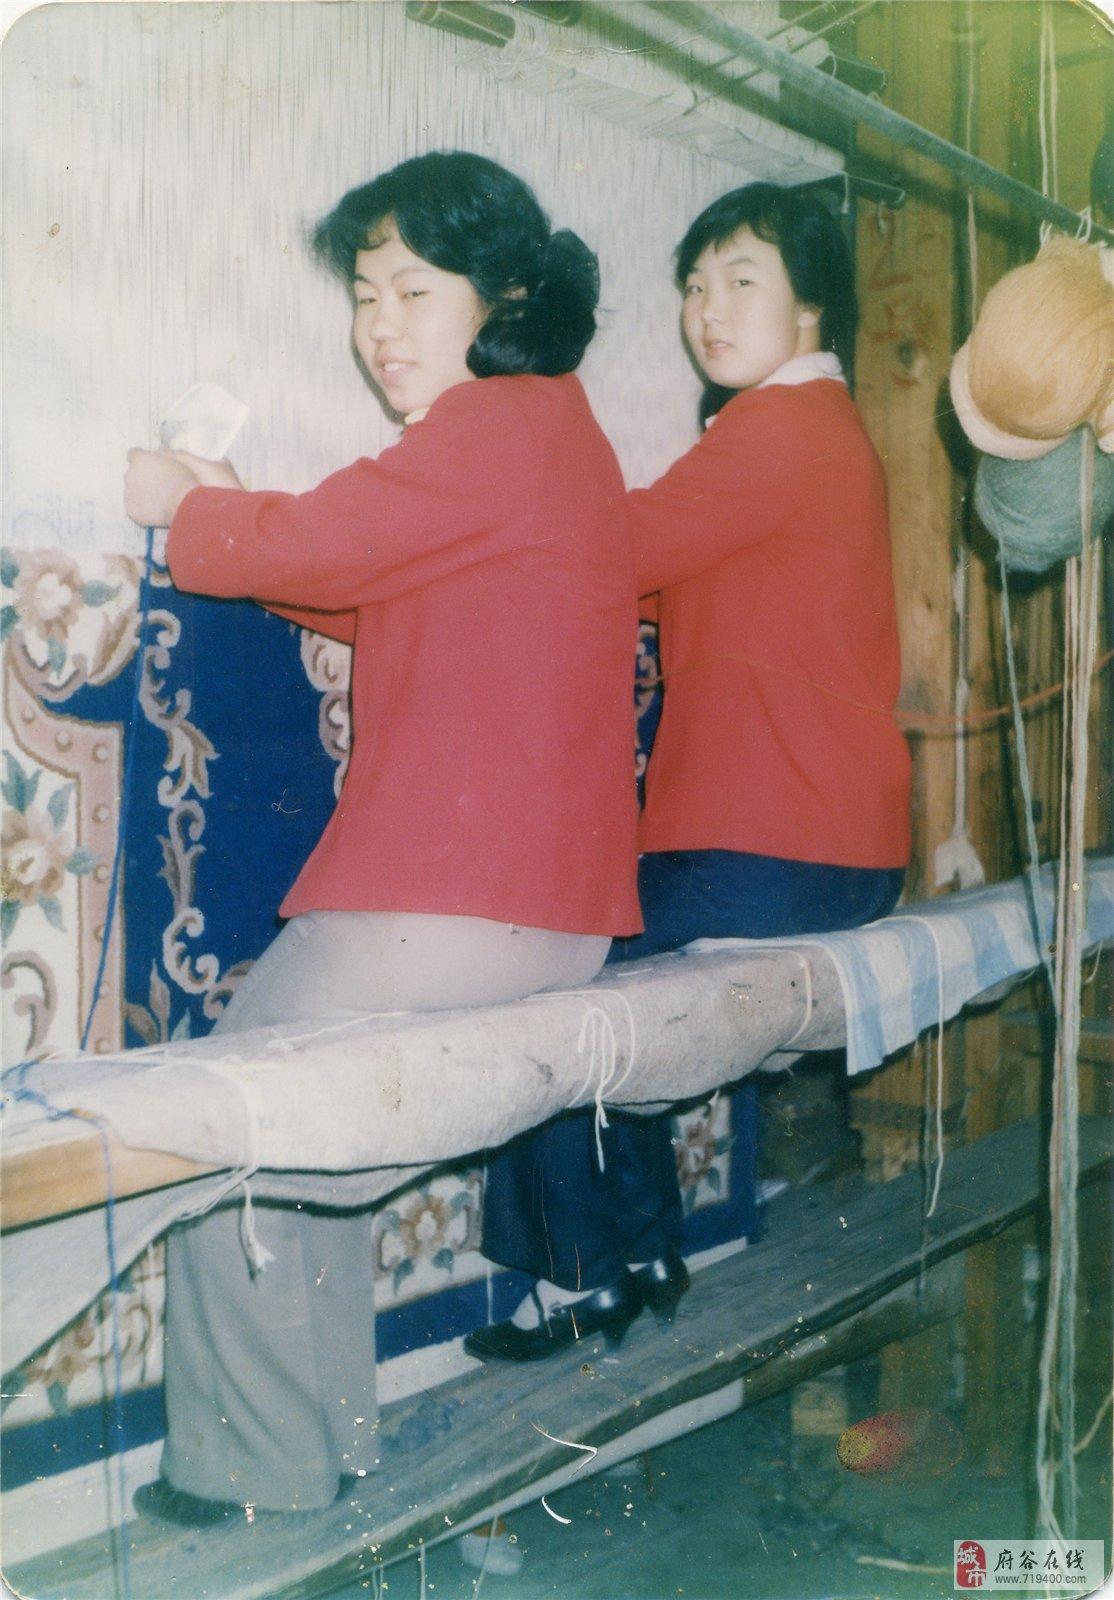 当前,有很多传统的手工艺都濒临失传,比如擀毡、打铁、柳编、织地毯等等。从事这些行业的手艺人过去都很吃香,但如今却正在失去了往日的辉煌。 家住府谷镇大沙沟的韩丽荣今年47岁,现在是一位理发师。16岁时,正值青春年华的她进入了位于府谷镇马道崖的地毯厂,成为一名地毯厂员工。在地毯厂工作9年后,终于历练成为织地毯的行家里手,可以织出很漂亮的地毯。 1984年我刚进入地毯厂的时候,厂里一共有400多人,都是用手工织地毯,那时候咱们县里只有这一家地毯厂,是公家开的。韩丽荣说。 地毯编织是一项传统手工工艺,工序比较复